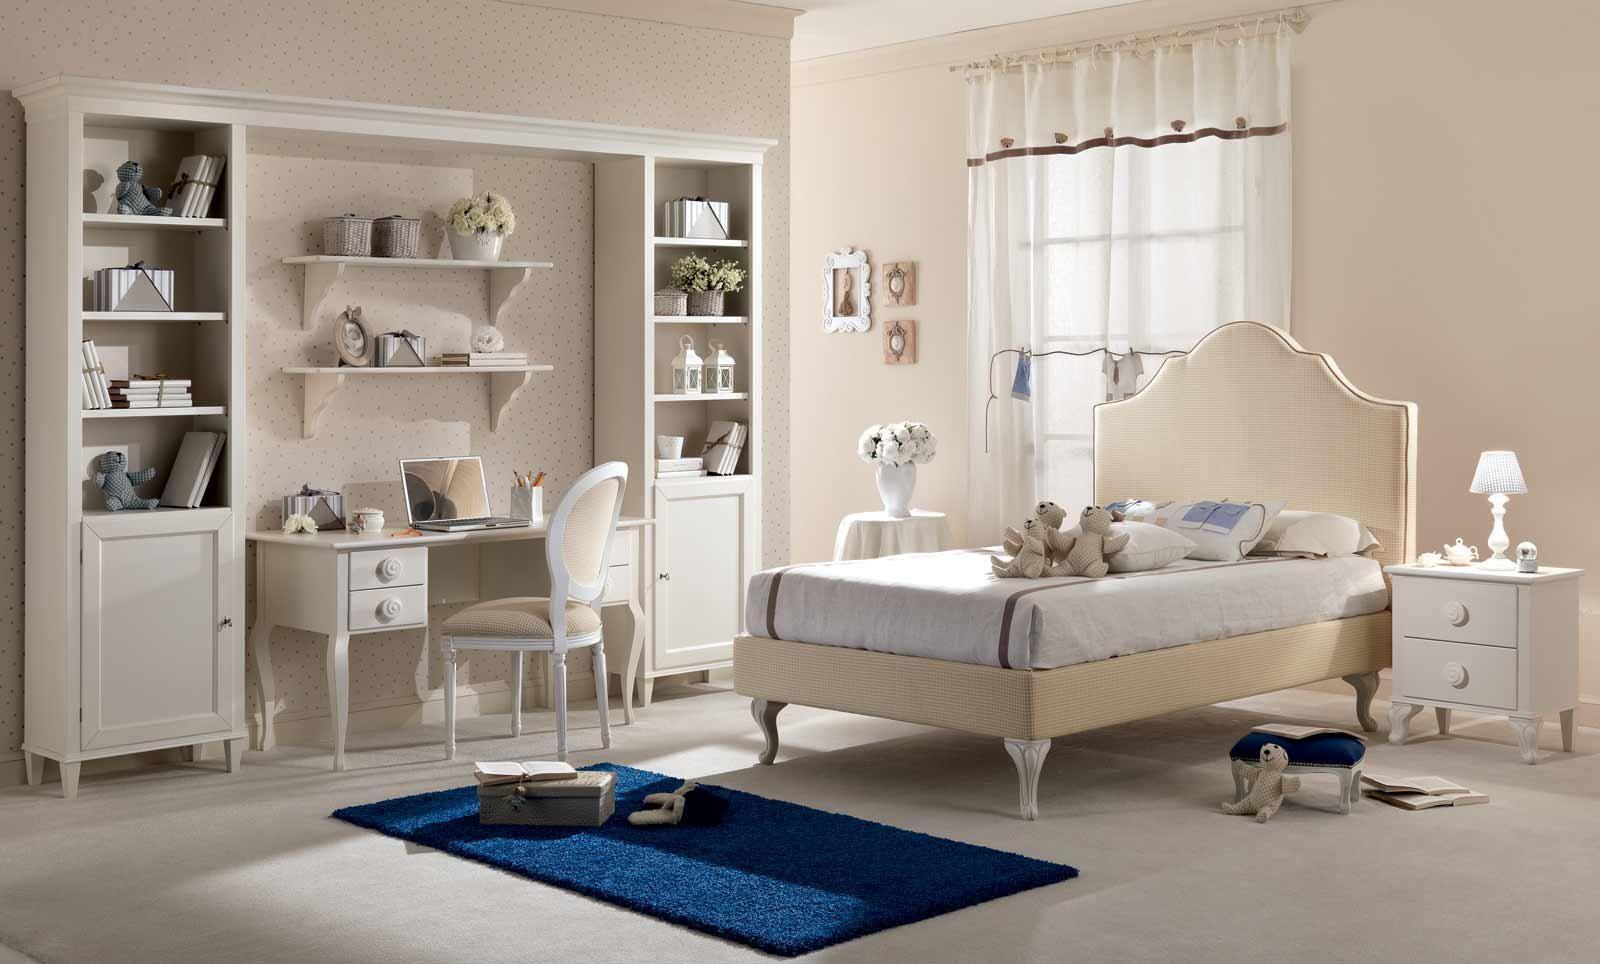 camera per bambini/children's bedroom composizione 5 (con